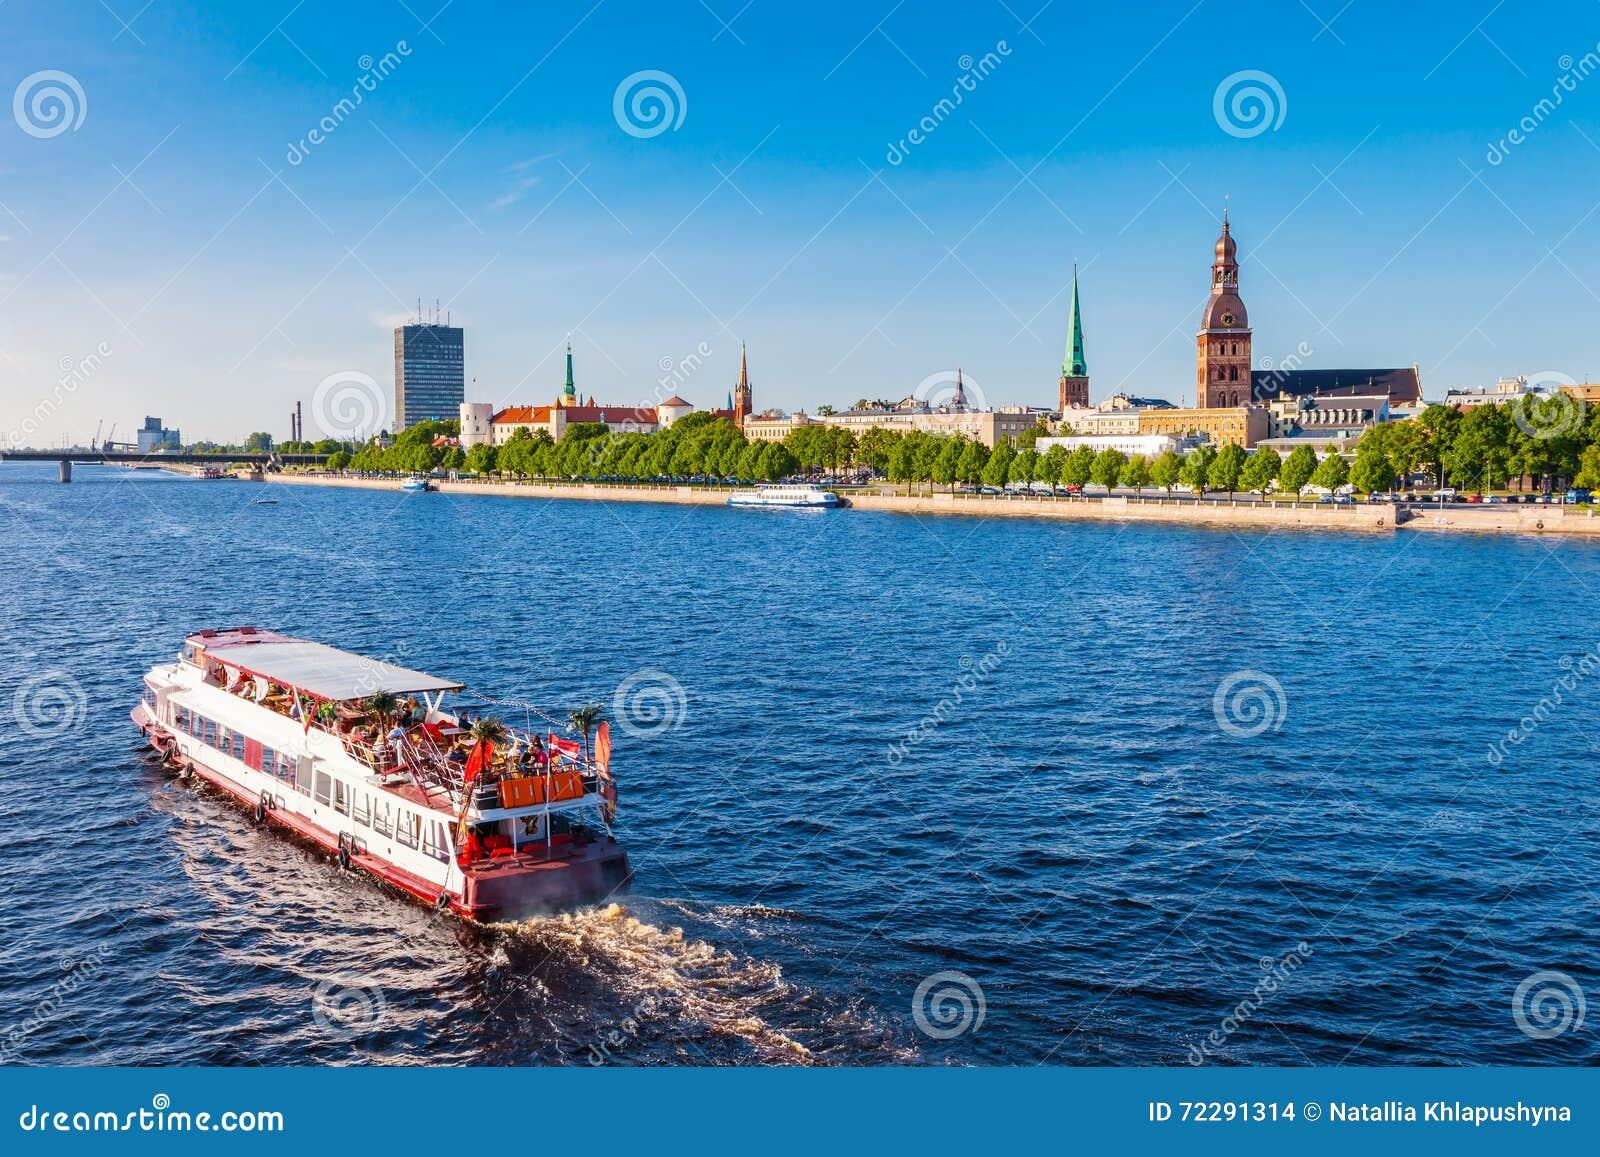 Le bateau de marche flotte la dvina occidentale de rivière, Riga, Estonie